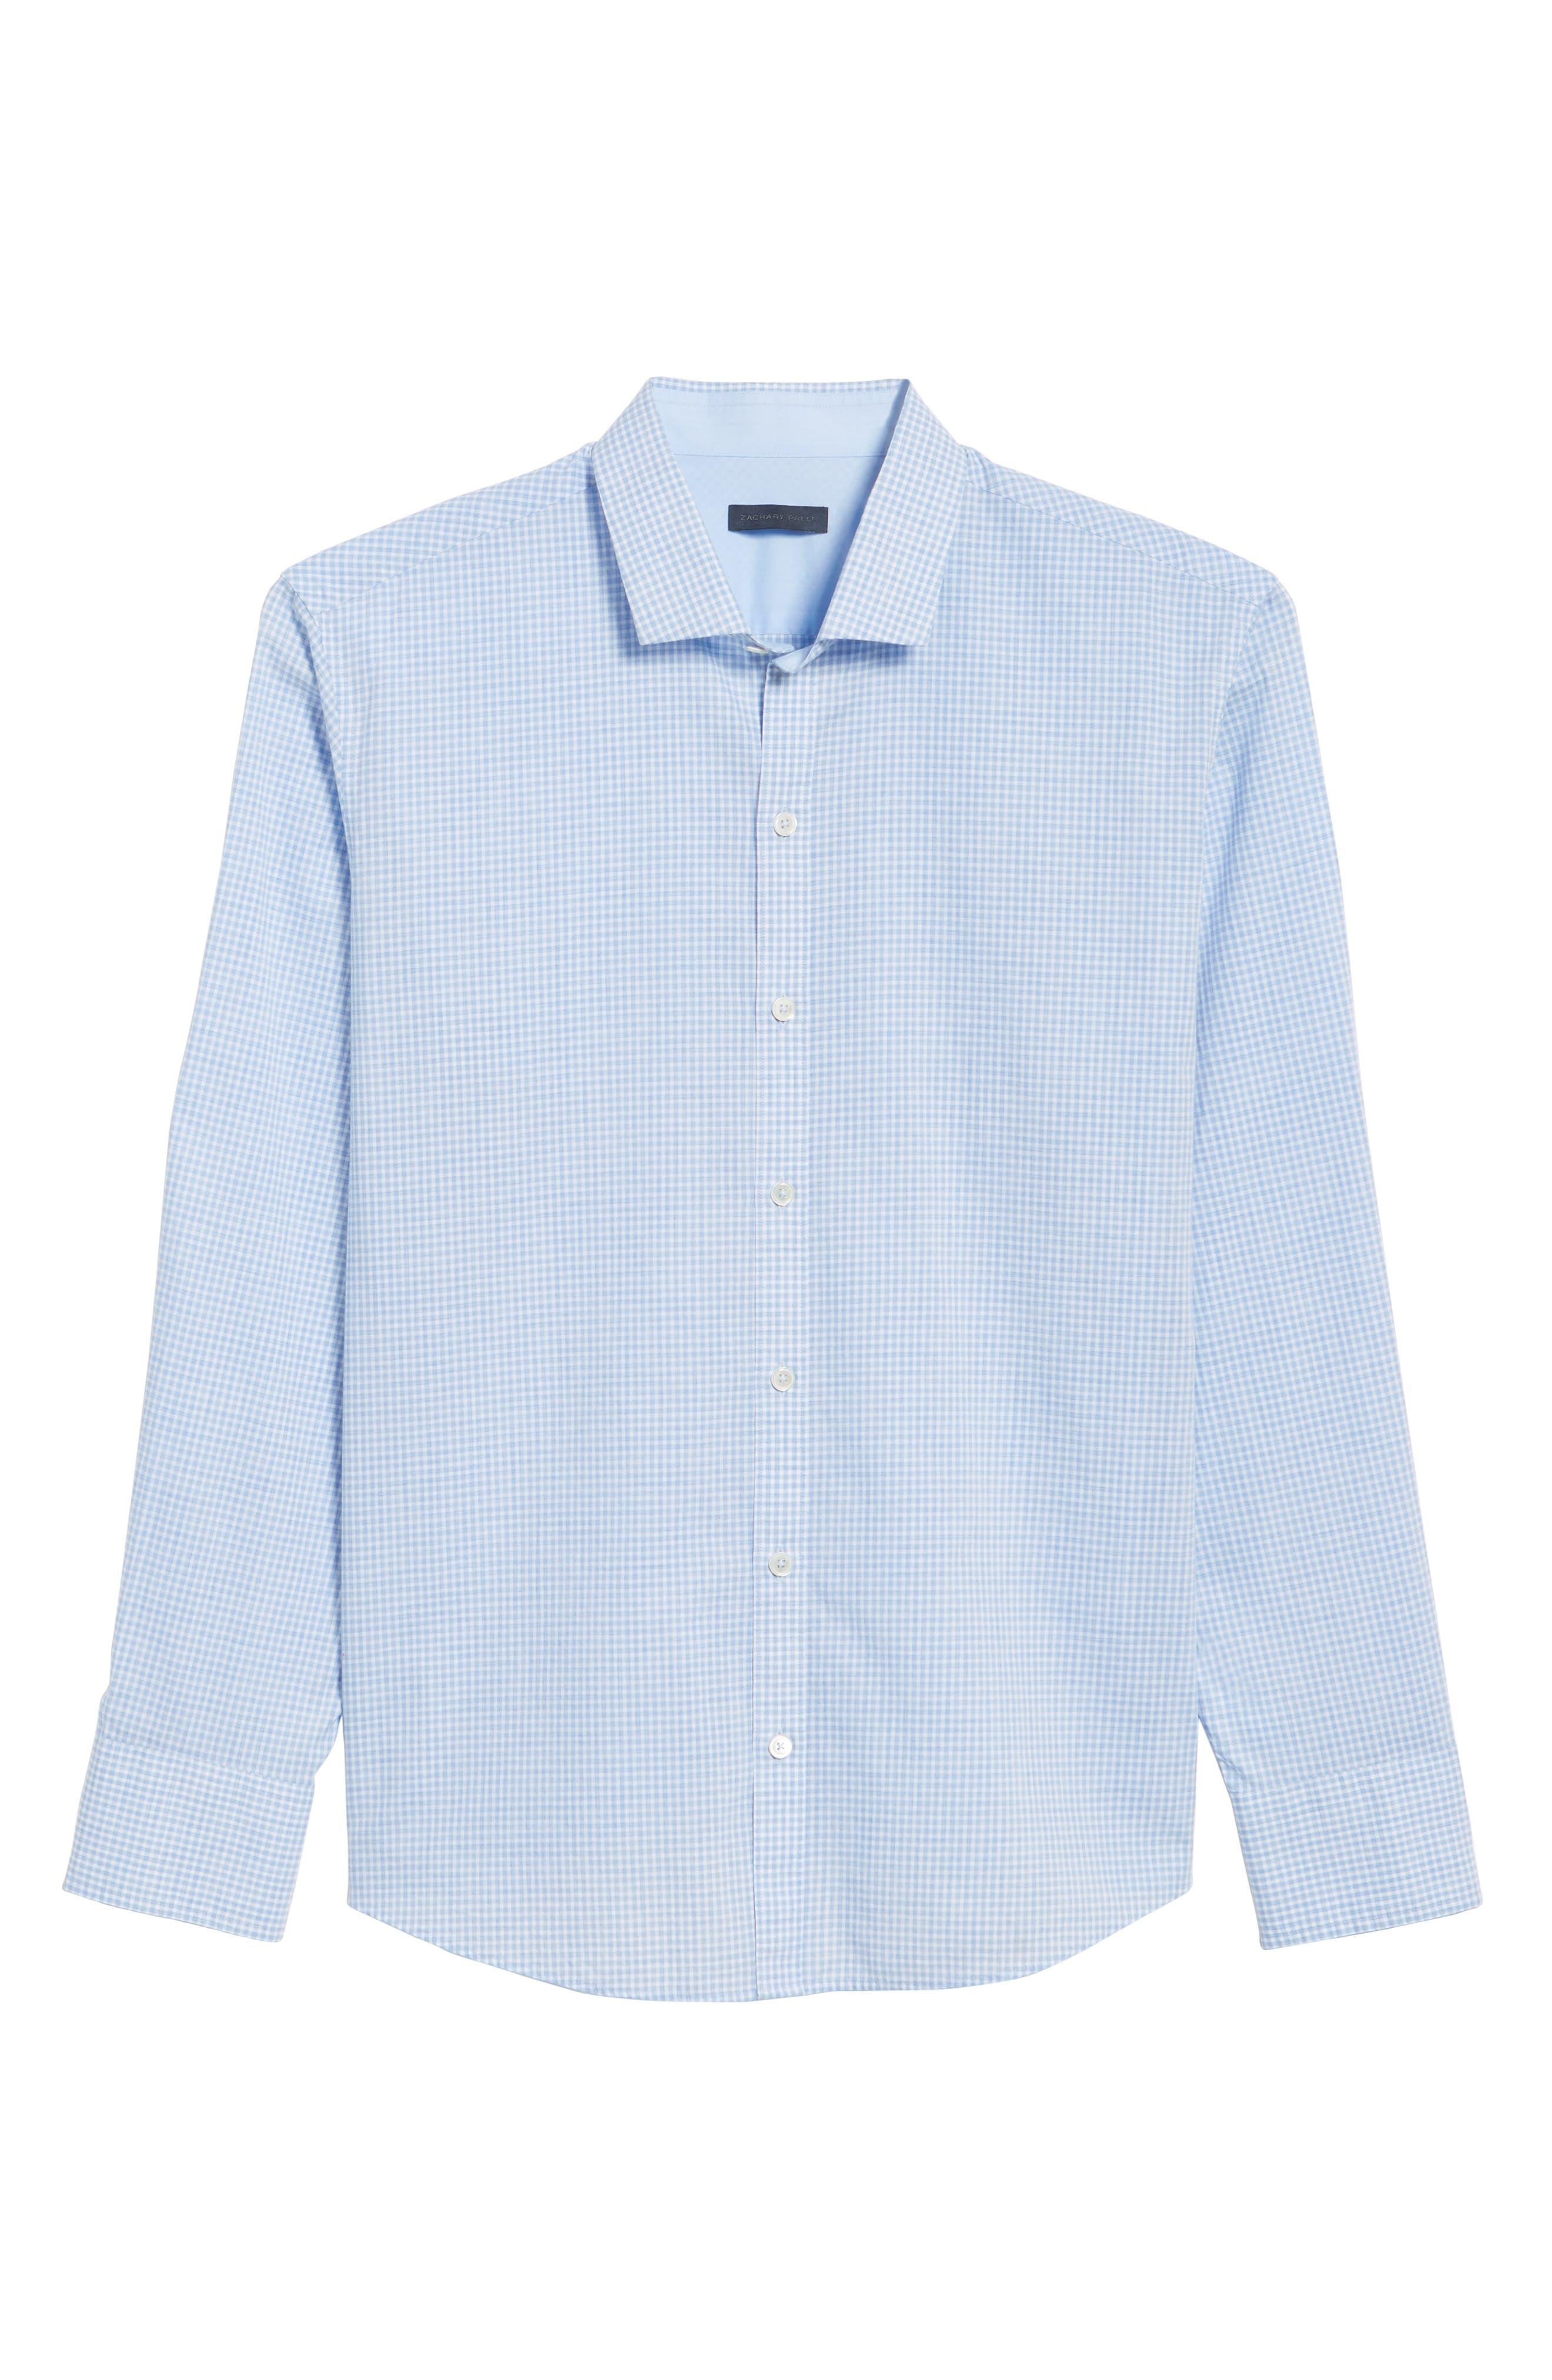 McGarry Gingham Sport Shirt,                             Alternate thumbnail 6, color,                             Light Blue